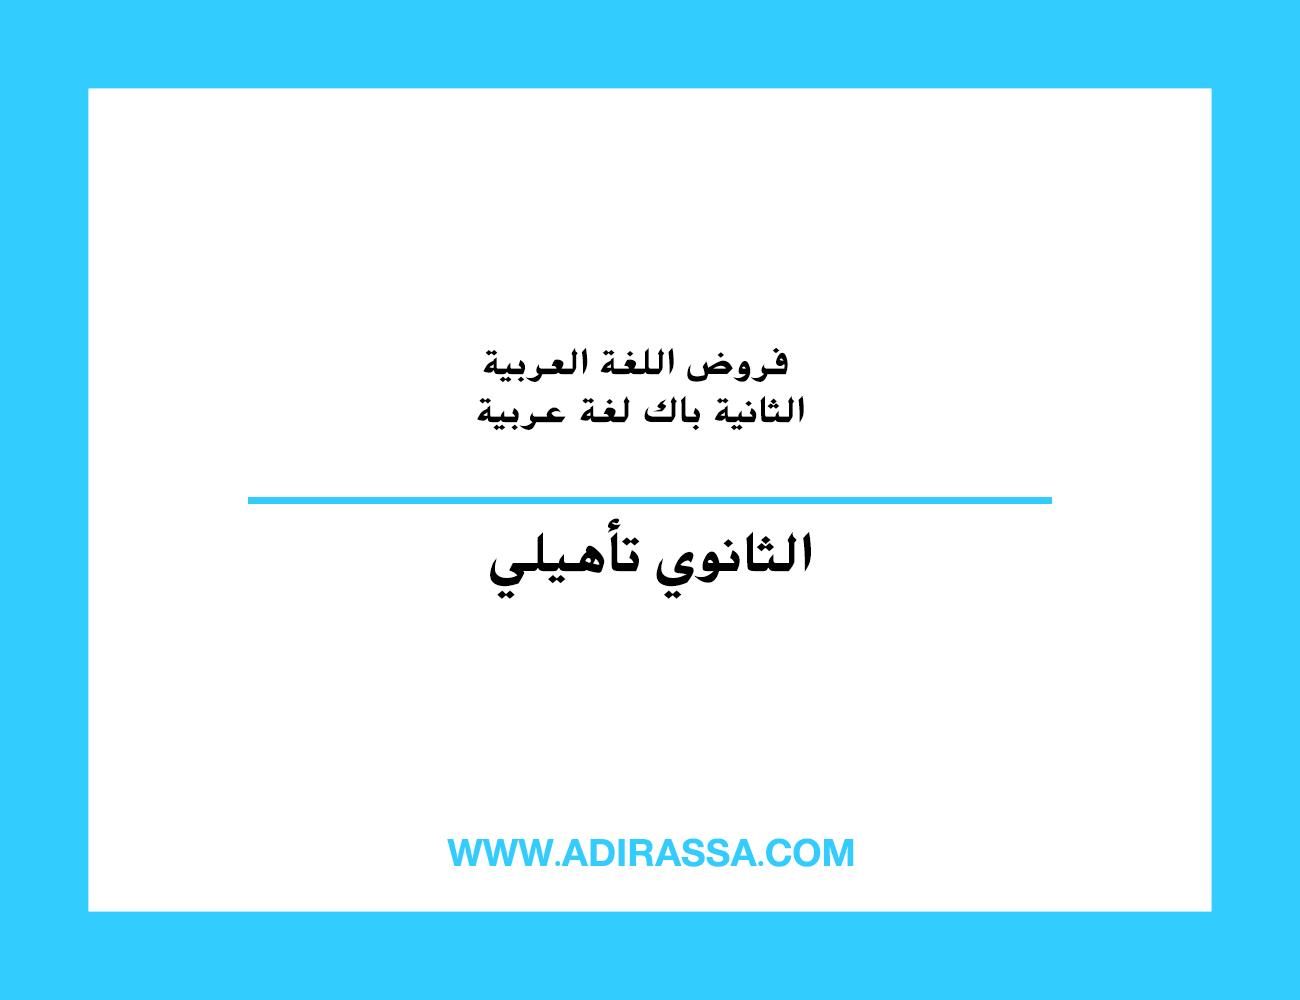 فروض اللغة العربية الثانية باك لغة عربية بمستوى الثانوي التأهيلي